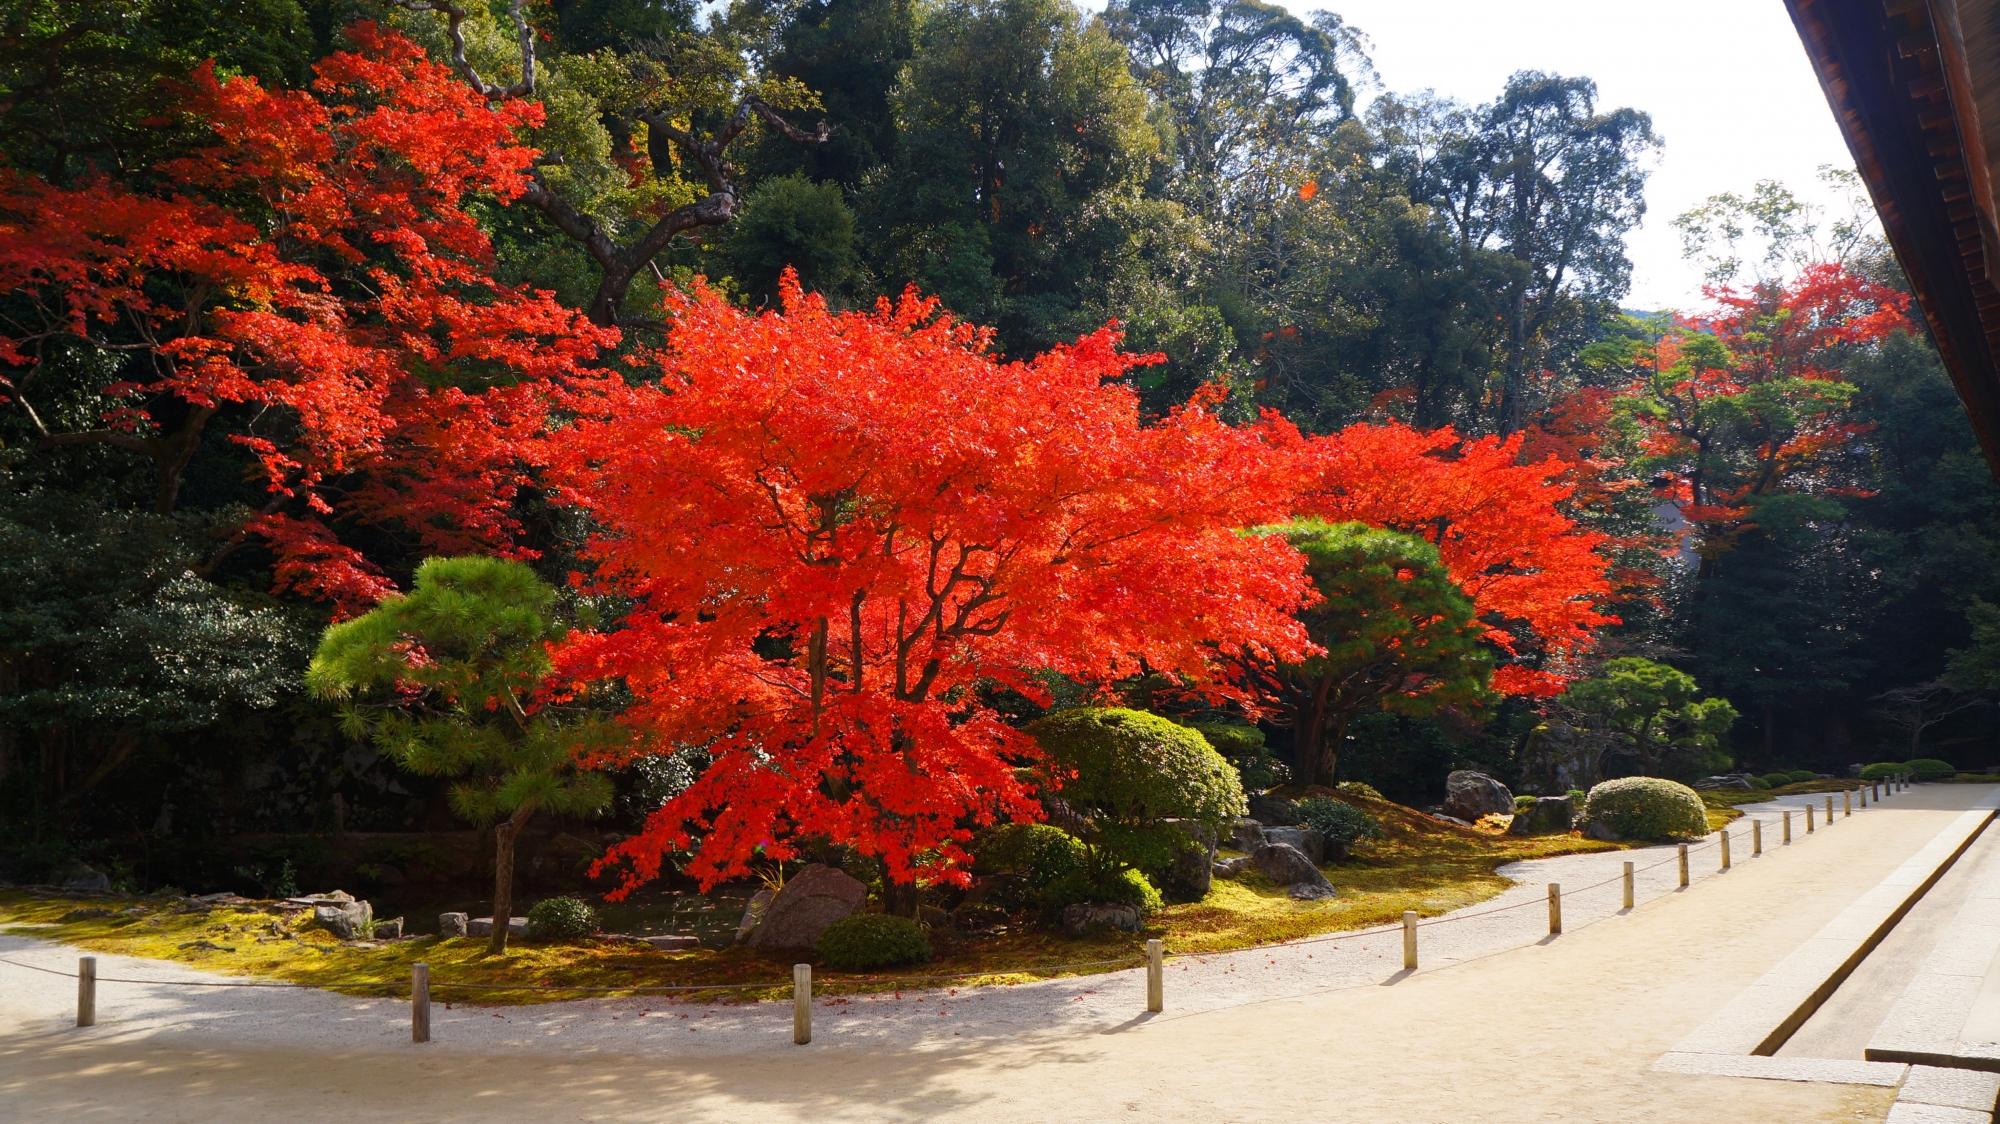 知恩院方丈庭園の白砂に映える鮮烈な色合いの赤さの紅葉